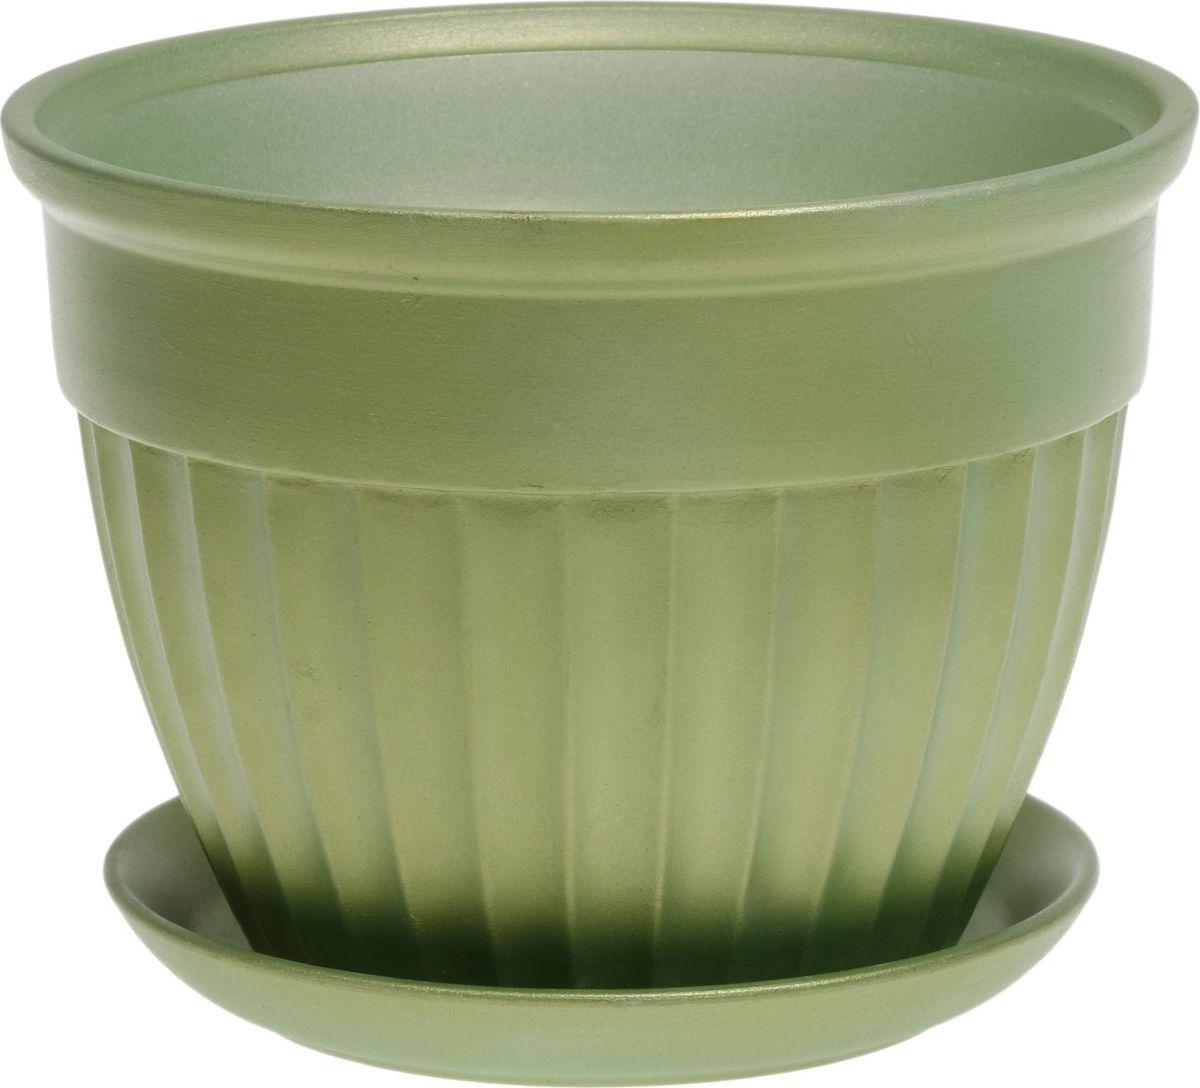 Кашпо Керамика ручной работы Ромашка, цвет: светло-зеленый, 2 л1062712Комнатные растения — всеобщие любимцы. Они радуют глаз, насыщают помещение кислородом и украшают пространство. Каждому из них необходим свой удобный и красивый дом. Кашпо из керамики прекрасно подходят для высадки растений: за счёт пластичности глины и разных способов обработки существует великое множество форм и дизайновпористый материал позволяет испаряться лишней влагевоздух, необходимый для дыхания корней, проникает сквозь керамические стенки! #name# позаботится о зелёном питомце, освежит интерьер и подчеркнёт его стиль.